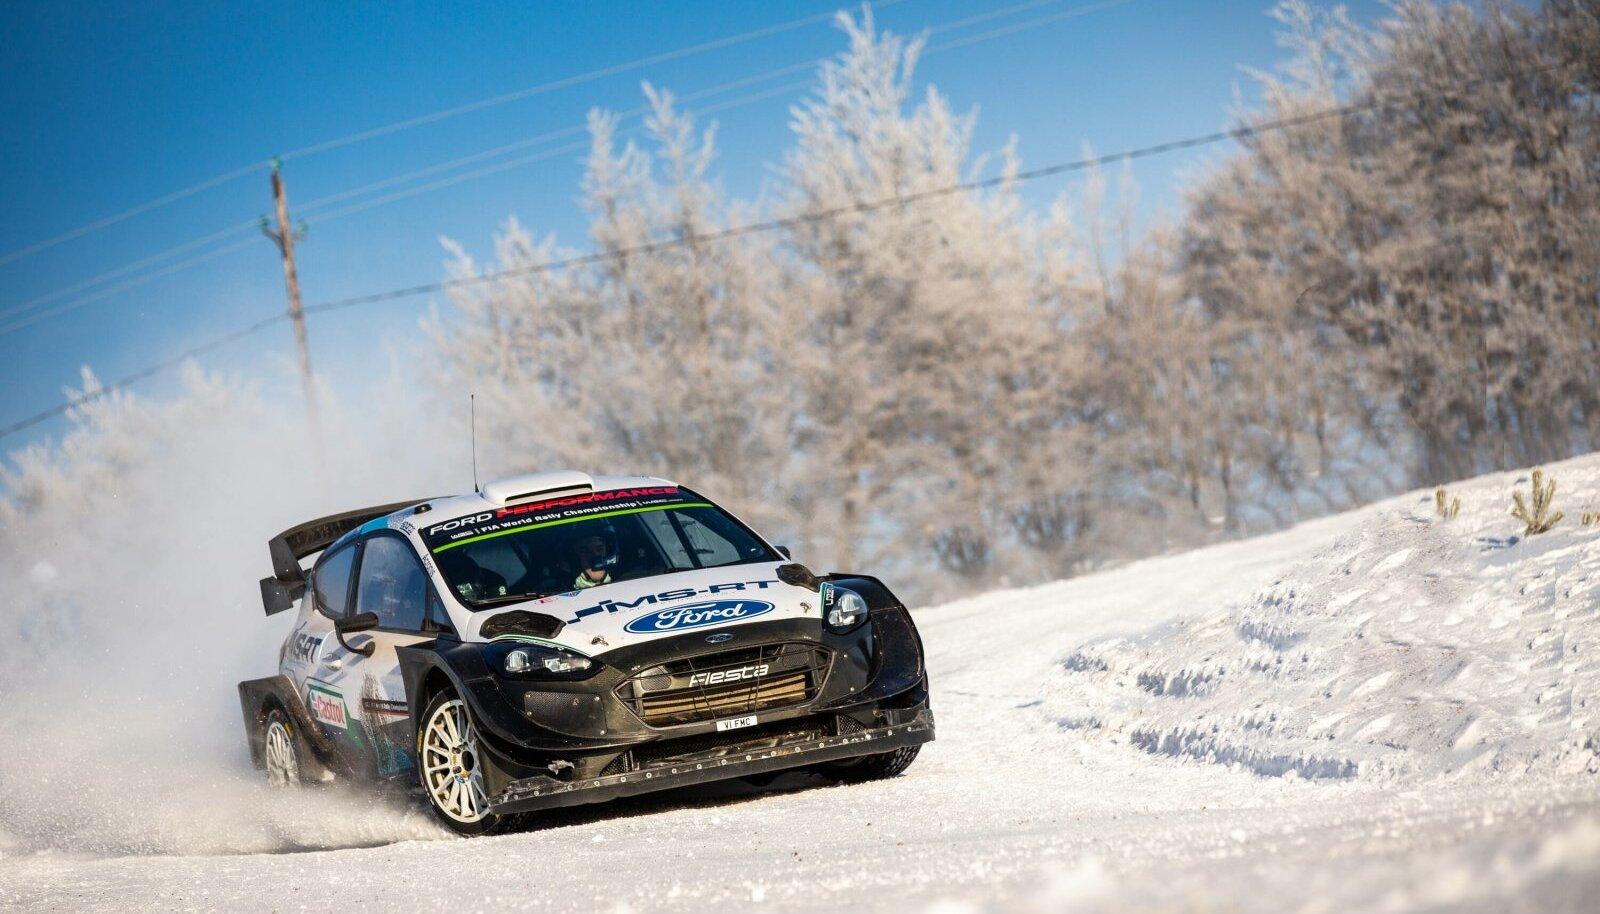 16.01.2021 Ardeche - France Test Pre Rally Monte Carlo 2021, M Ford Fiesta WRC, Motorsport Rallye, WM Schnee, Sonnensch